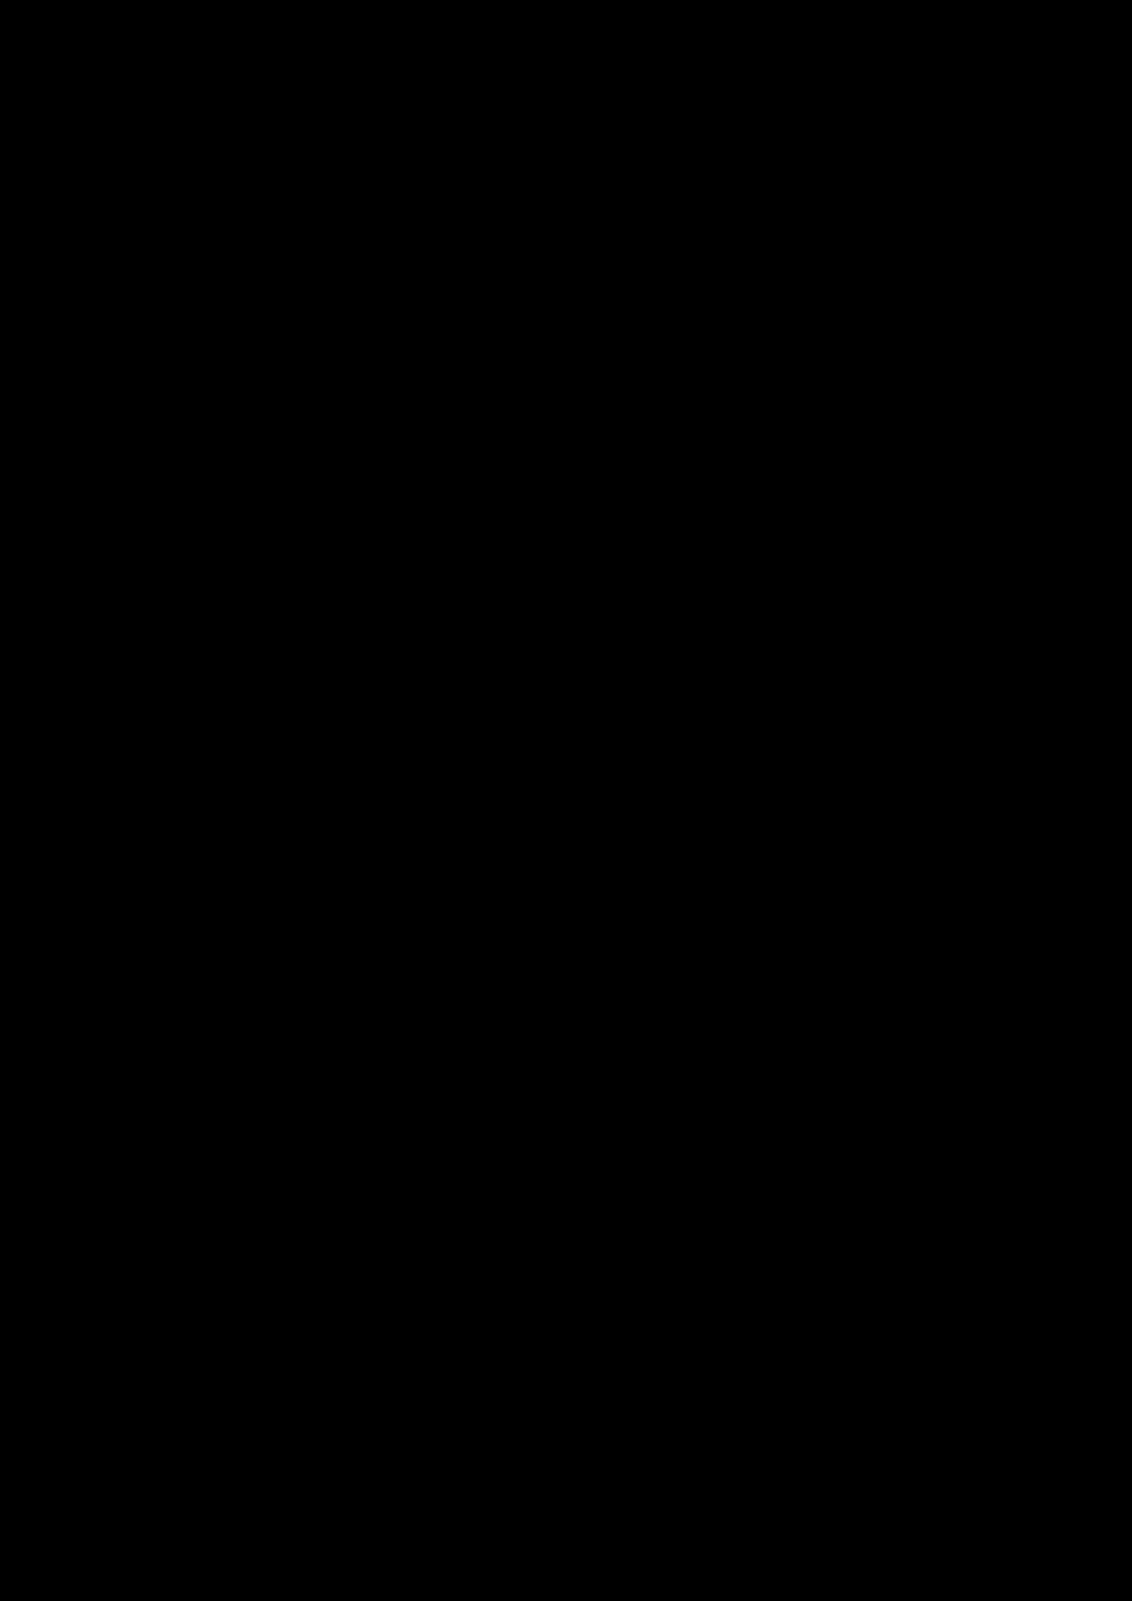 Zagadka volshebnoy stranyi slide, Image 12